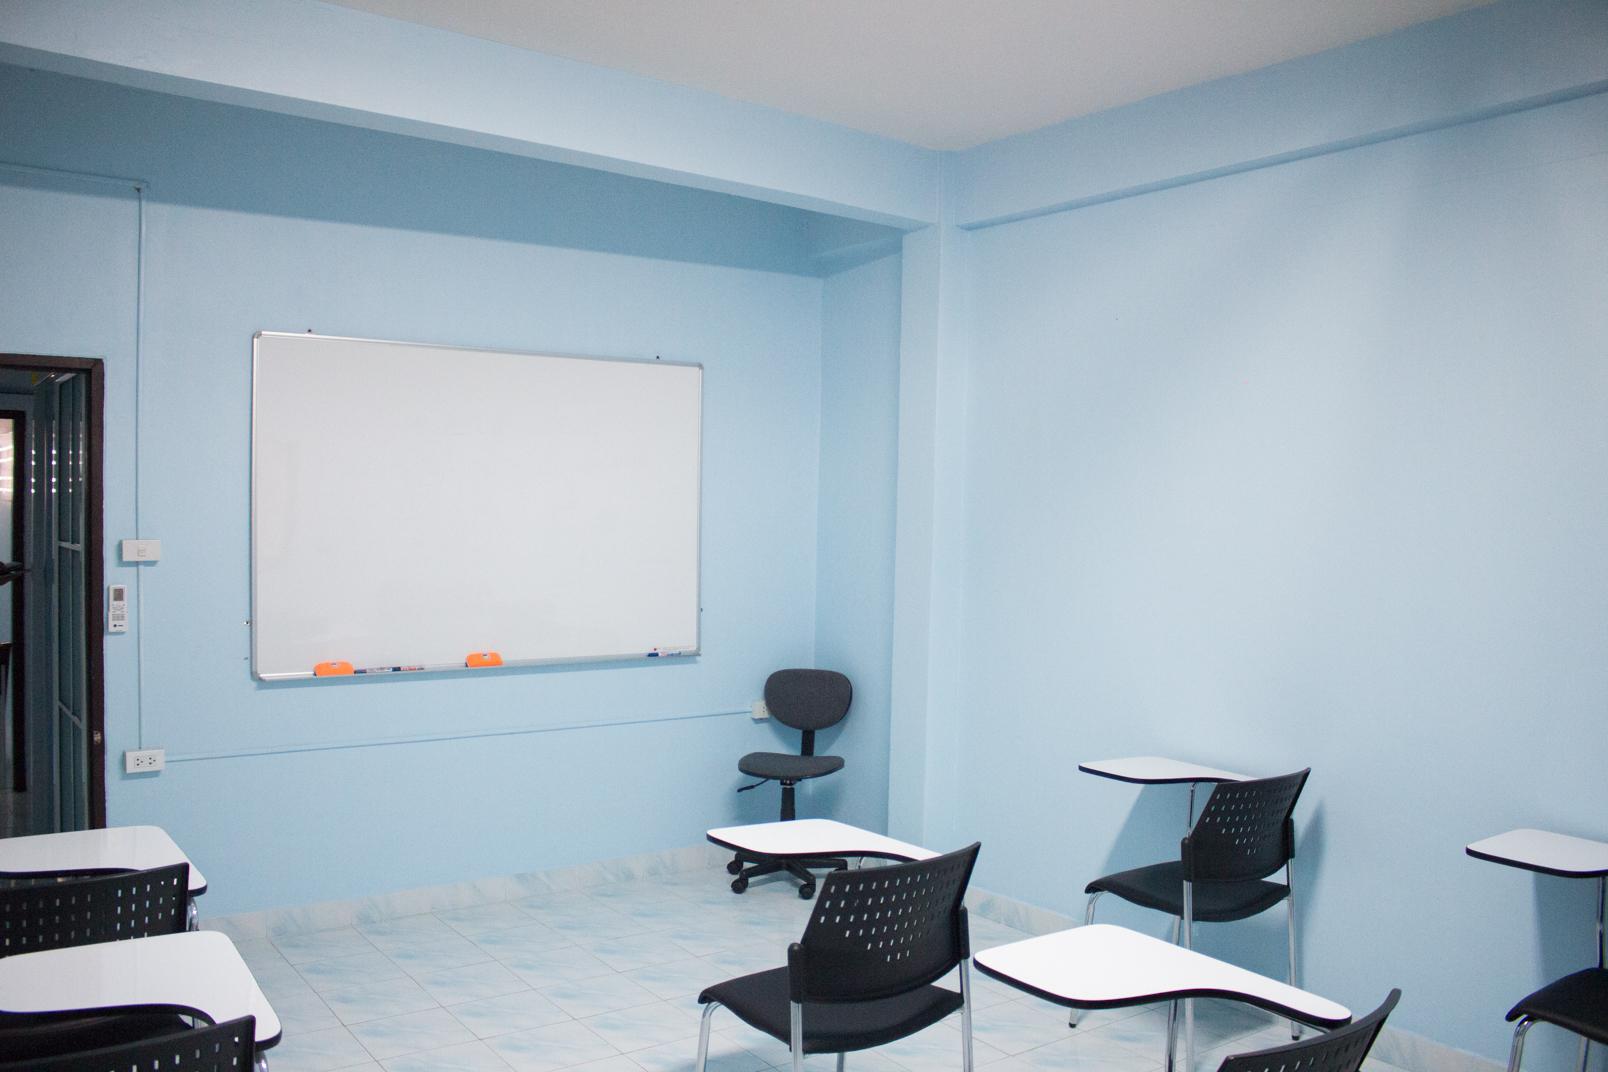 โรงเรียนสอนภาษาพัทยา5